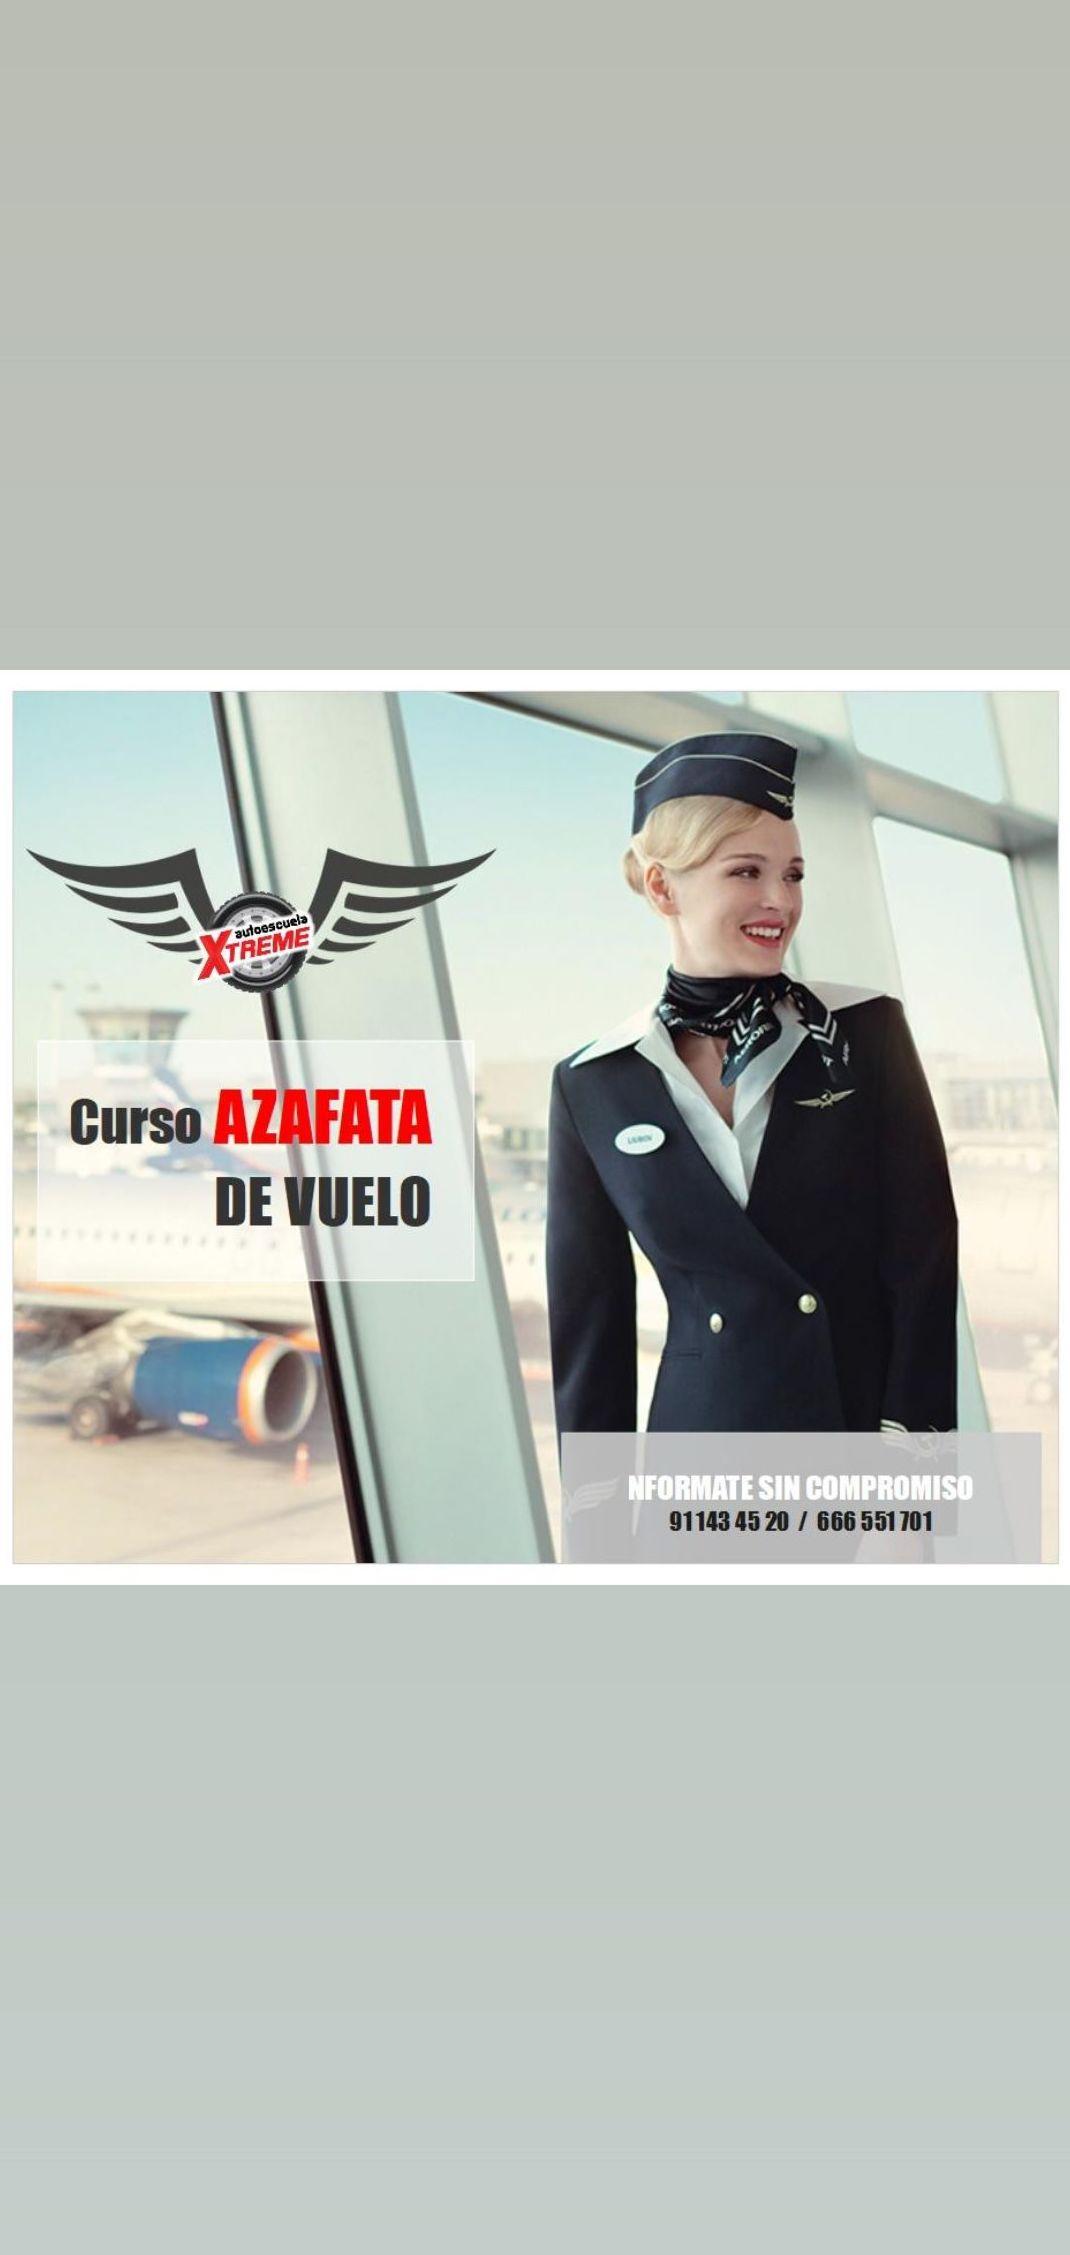 Curso azafata de vuelo en Madrid centro